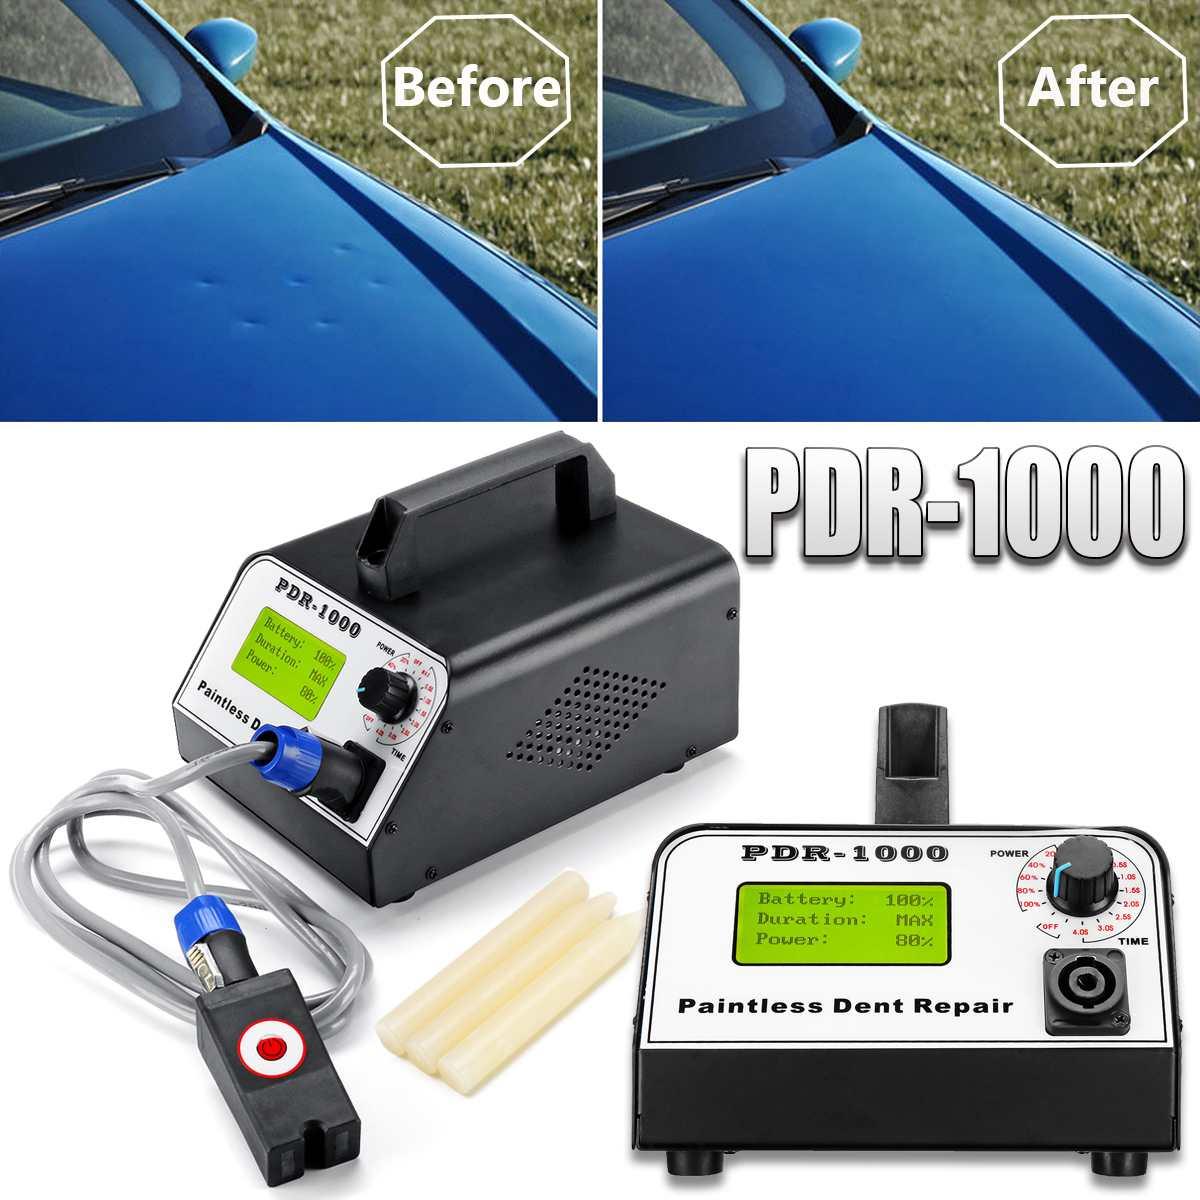 Aquecedor de indução Carro Paintless Dent Reparação Dent Removedor para Remover Caixa Quente 220 V 1000 W Folha de Reparo Do Corpo Do Carro conjunto de Ferramentas De metal